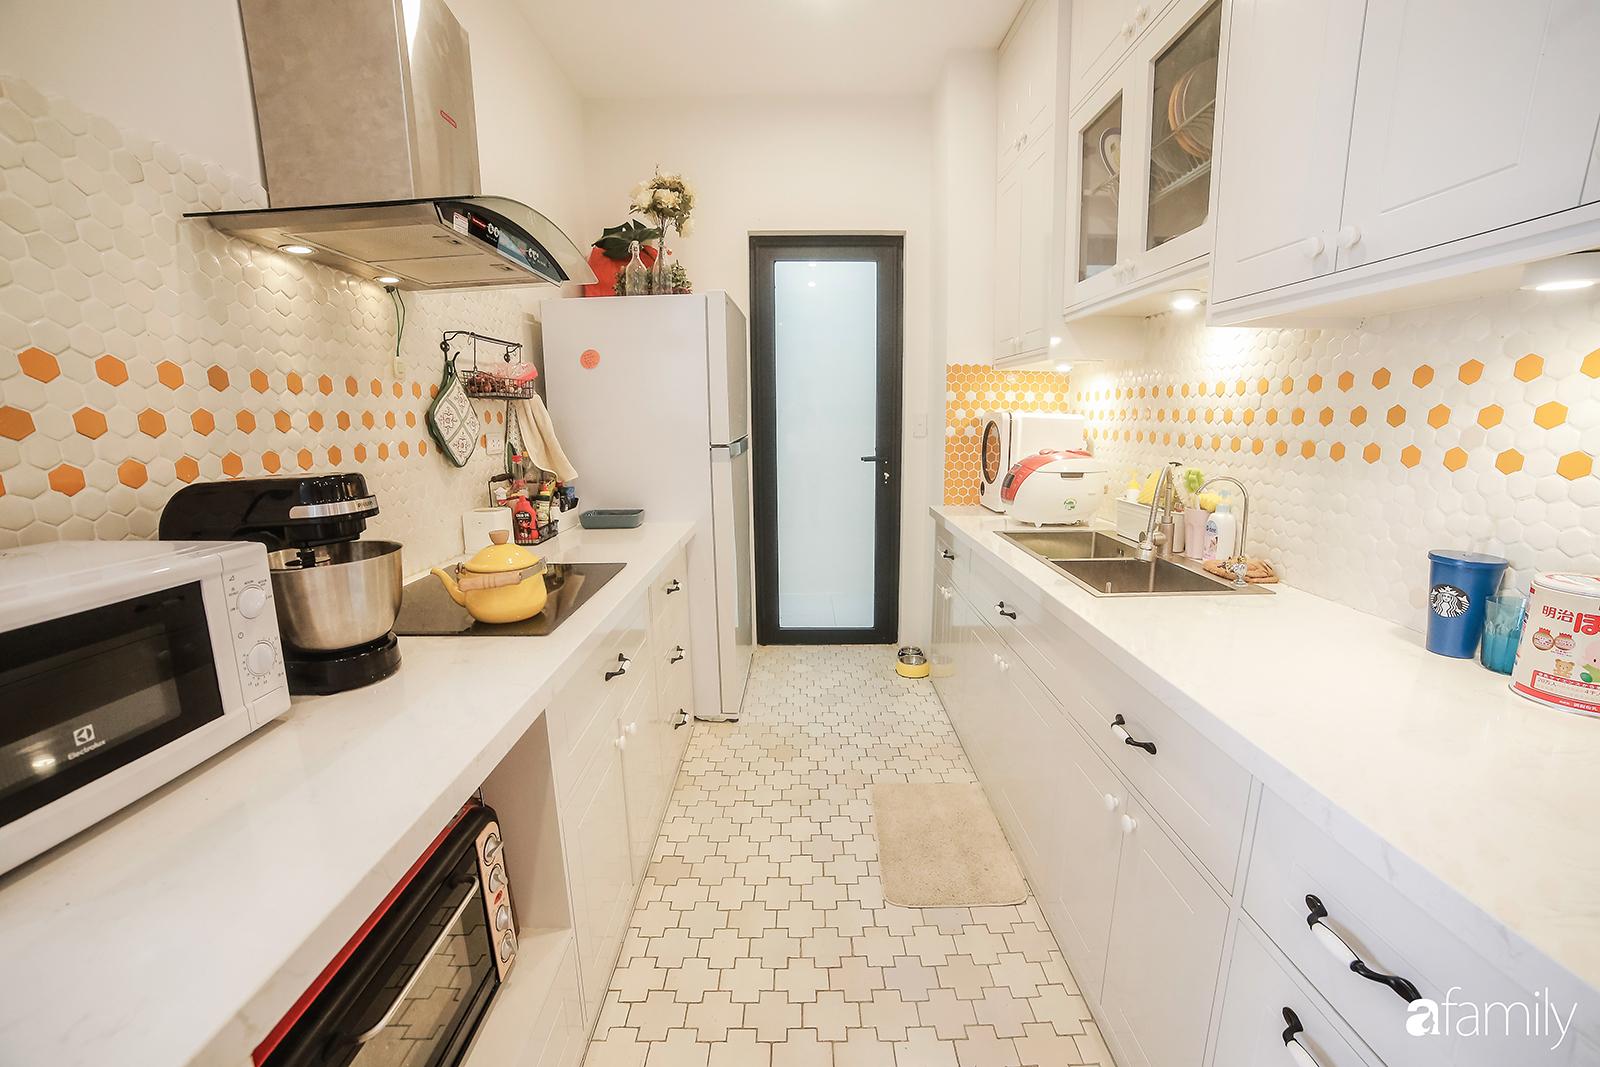 Căn hộ 95m² đẹp tới từng góc nhỏ của cặp vợ chồng hot boy - hot girl 9x nổi tiếng đất Hà Thành - Ảnh 14.